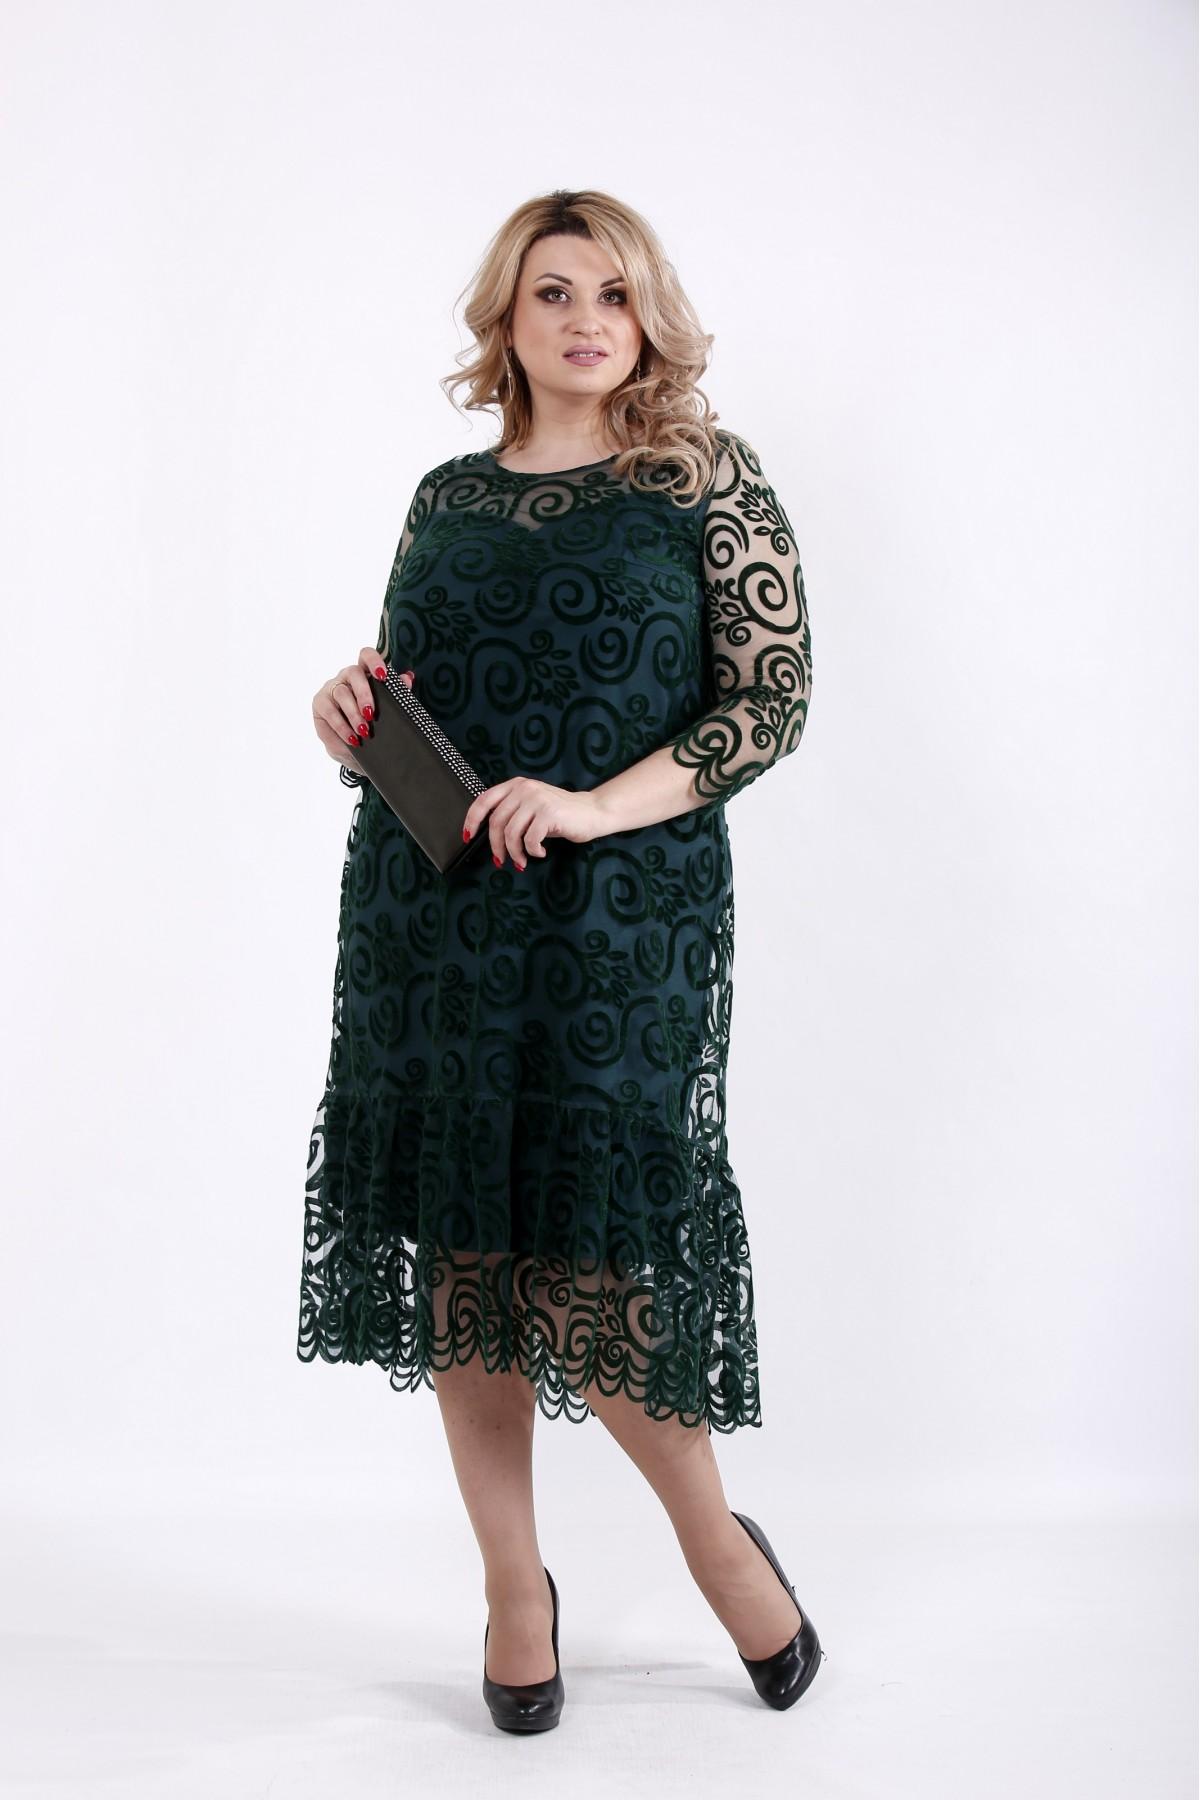 01064-2 | Зеленое платье с сеткой флок